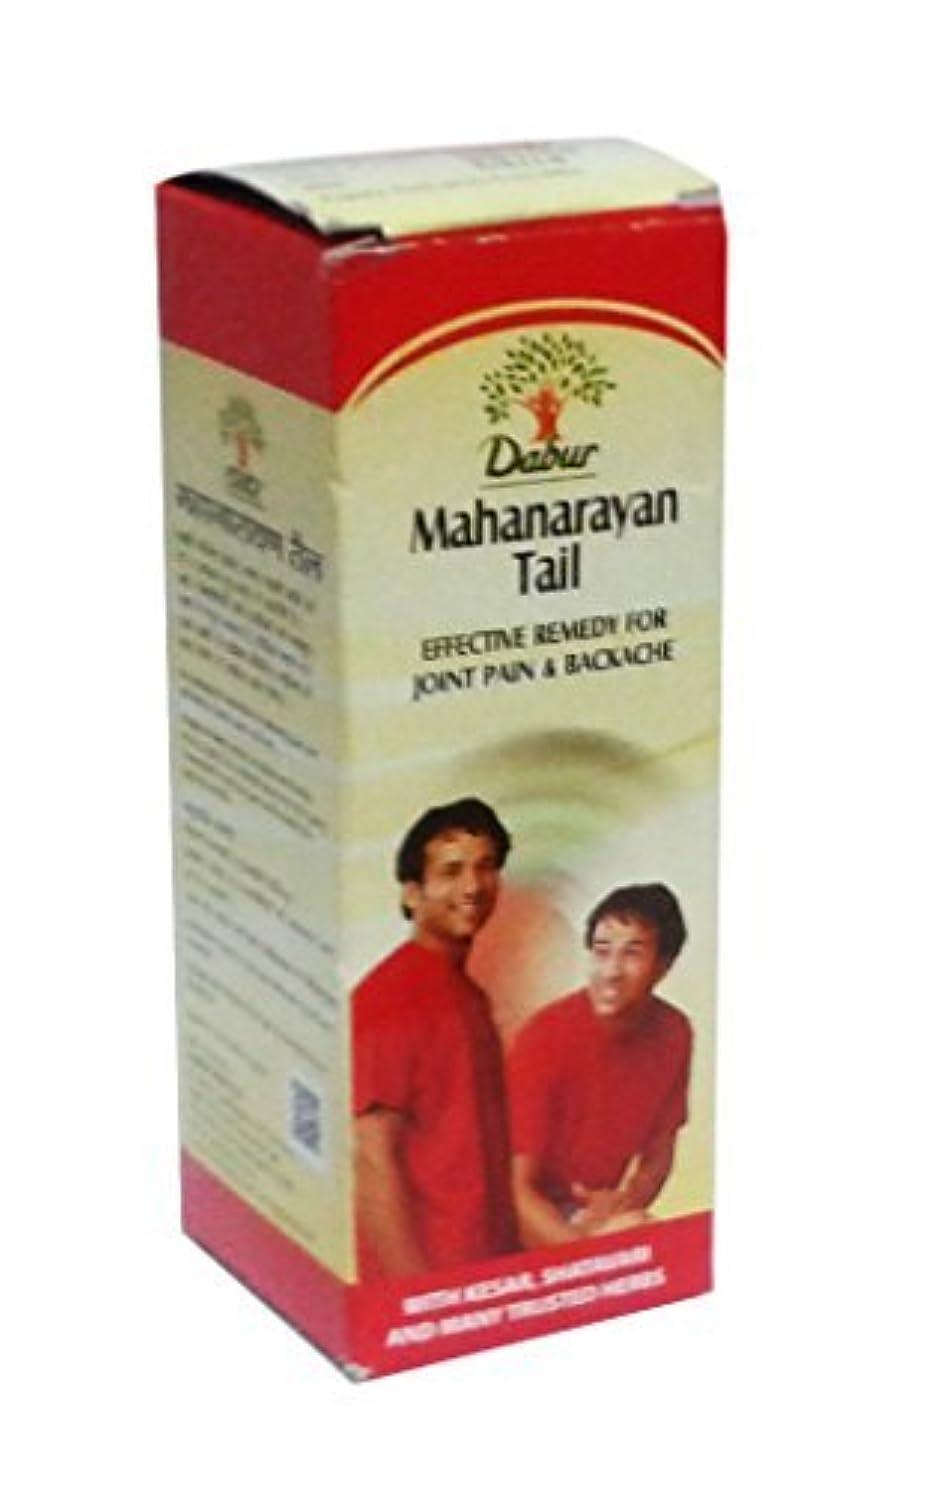 ずるいアクティビティ落ち込んでいるDabur Mahanarayan Oil 100ml by Dabur [並行輸入品]